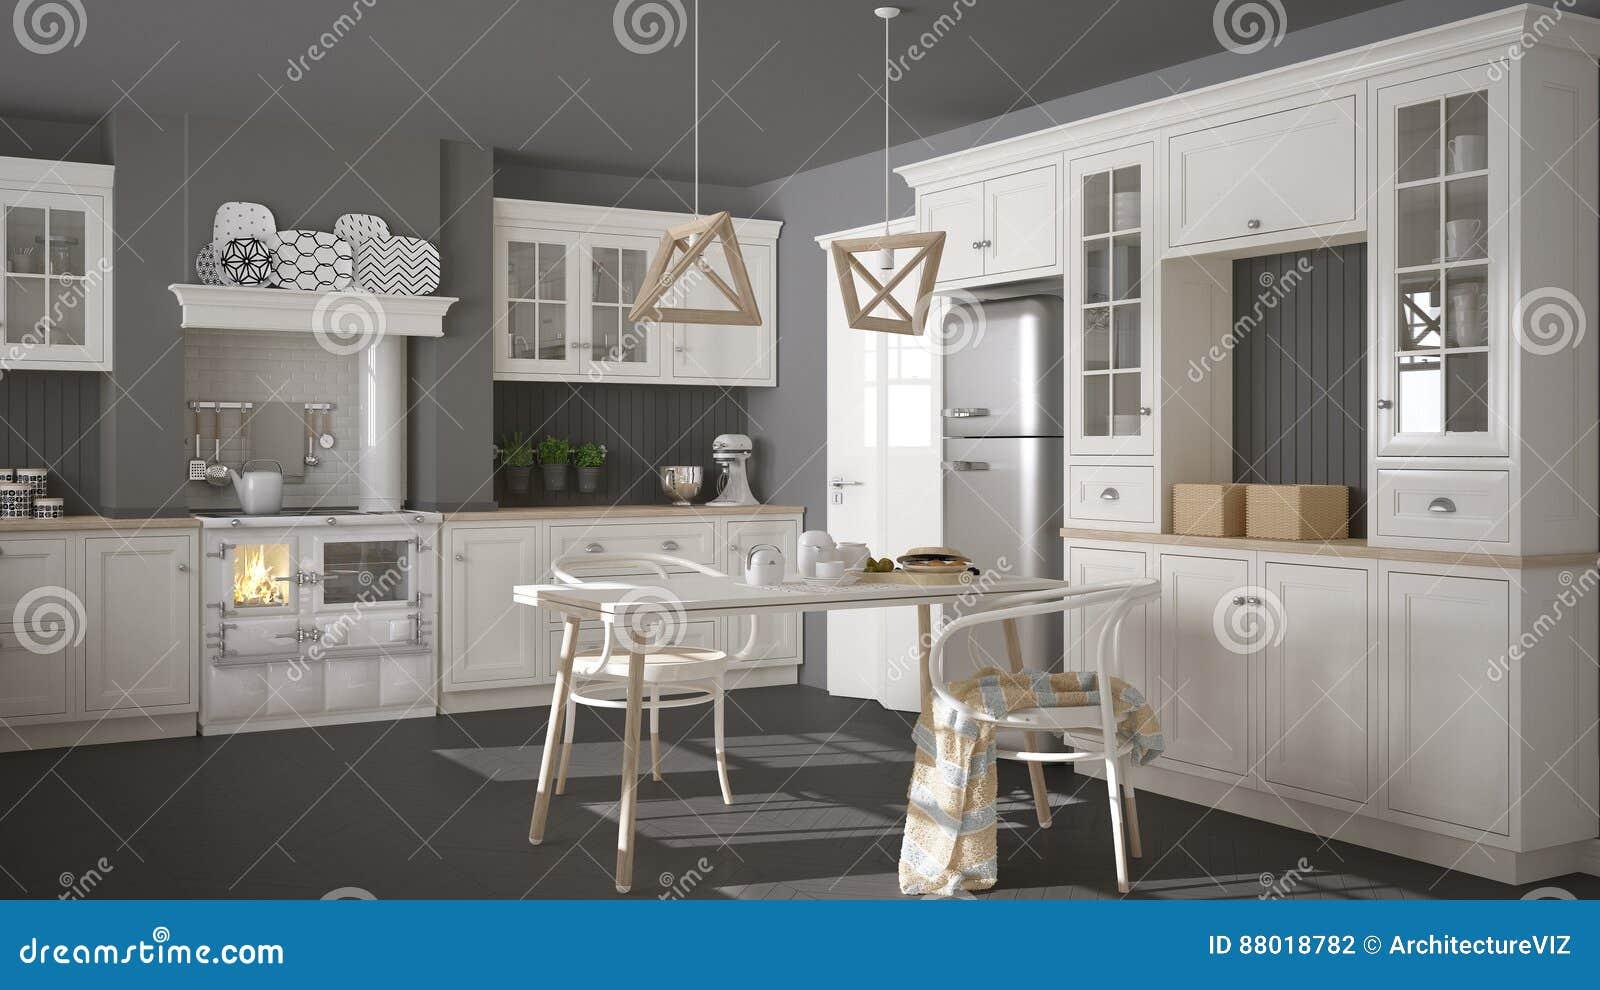 Keuken Interieur Scandinavisch : Skandinavische klassieke witte keuken met houten details minimali